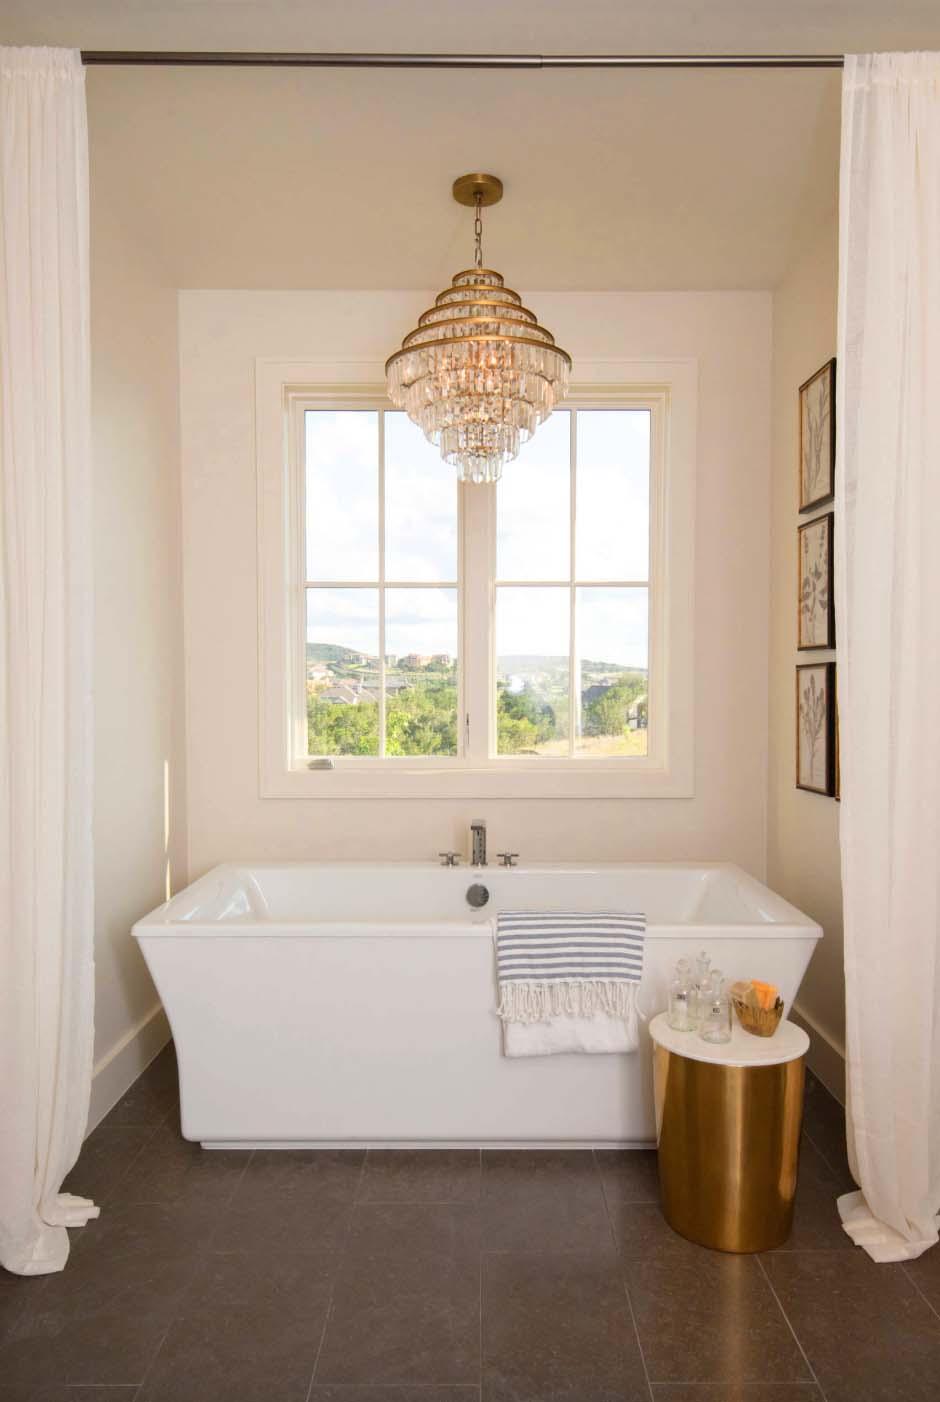 farmhouse-style-bathroom-tub